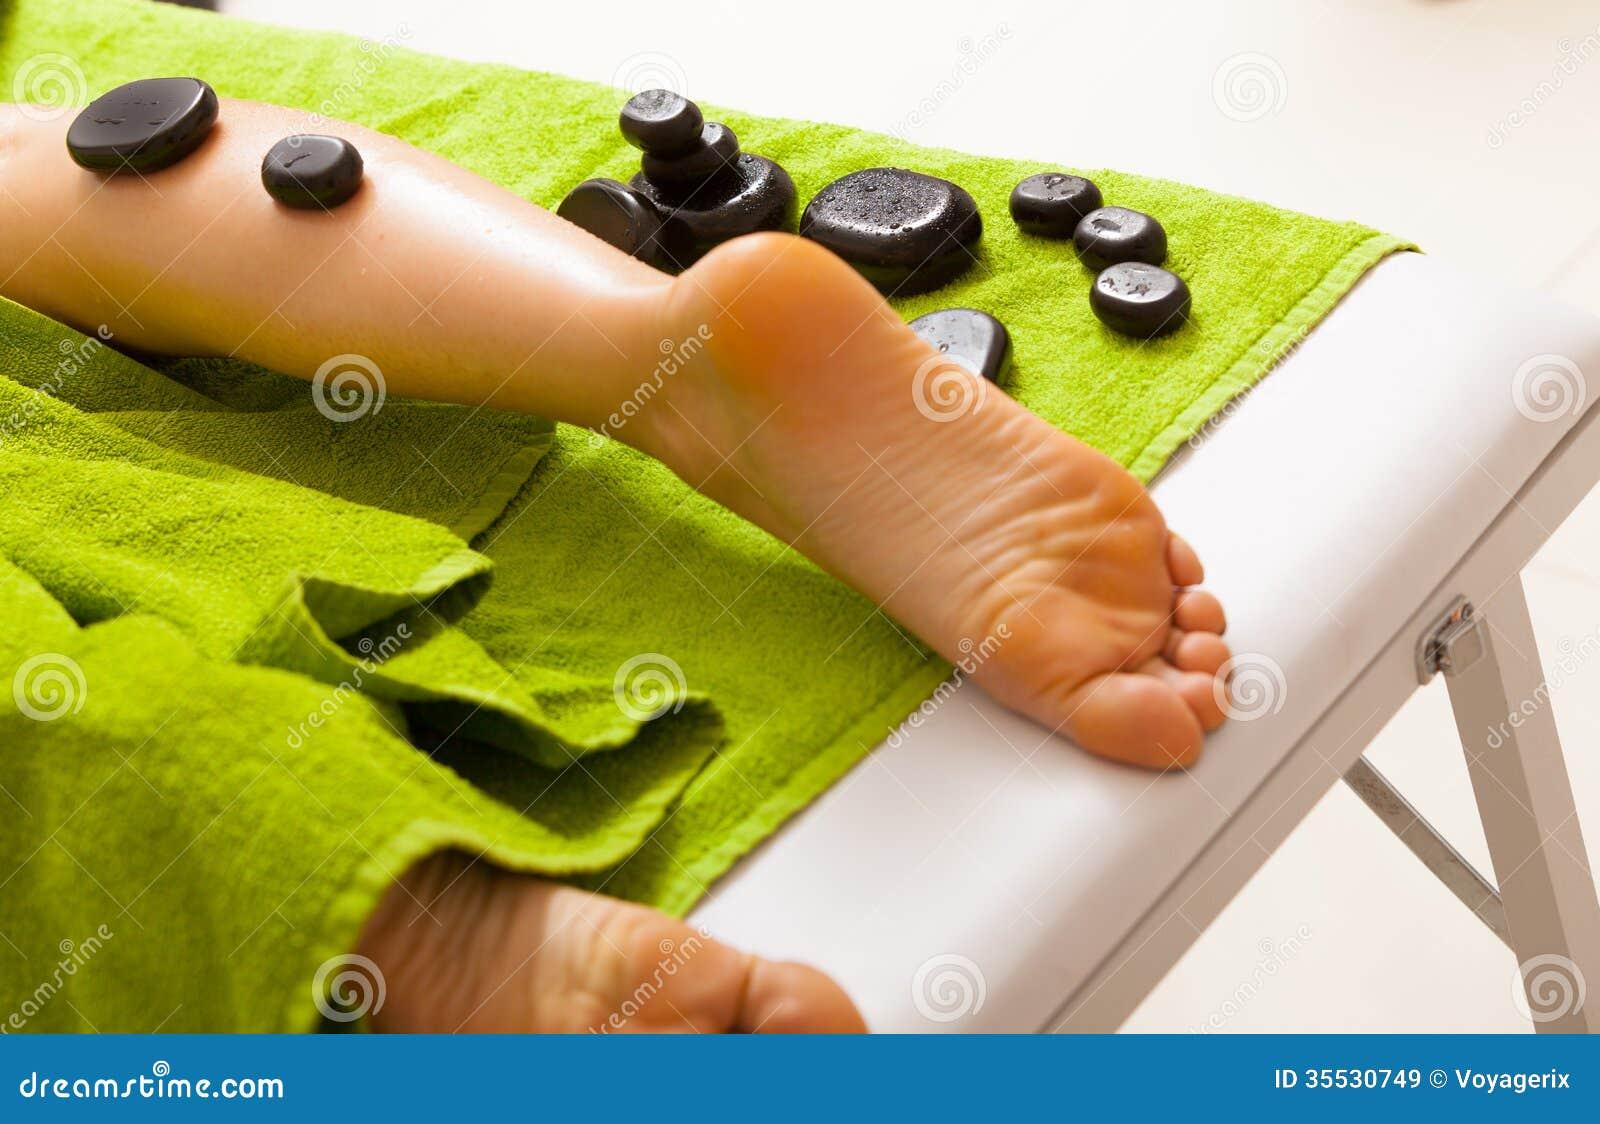 温泉沙龙。有女性的腿热的石按摩。Bodycare和放松。